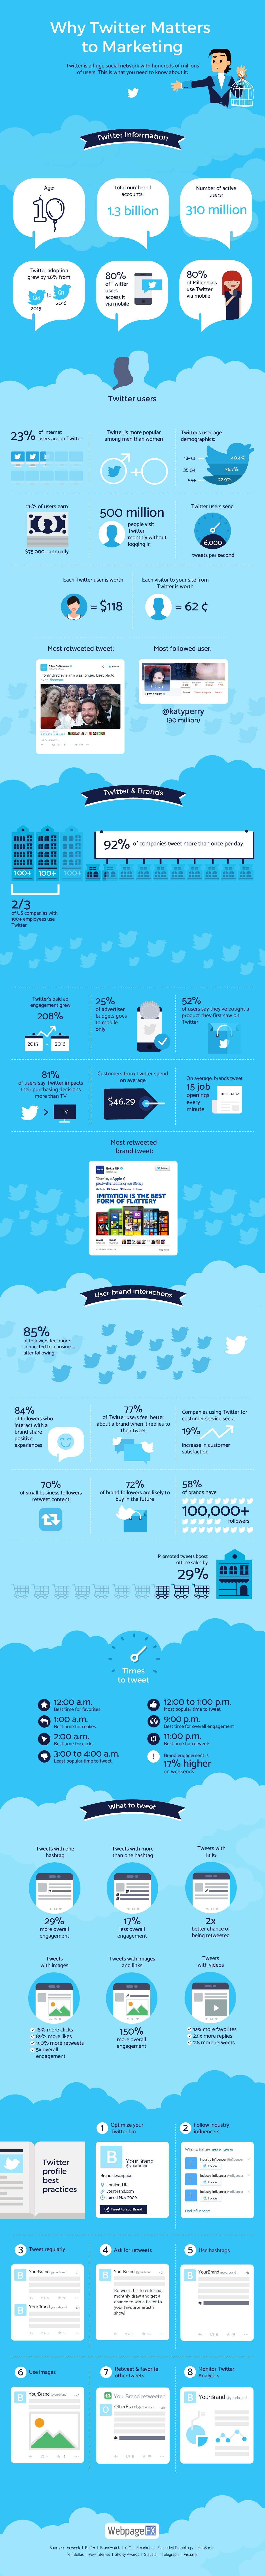 Twitter: una herramienta imprescindible en Marketing #infografia #socialmedia #marketing